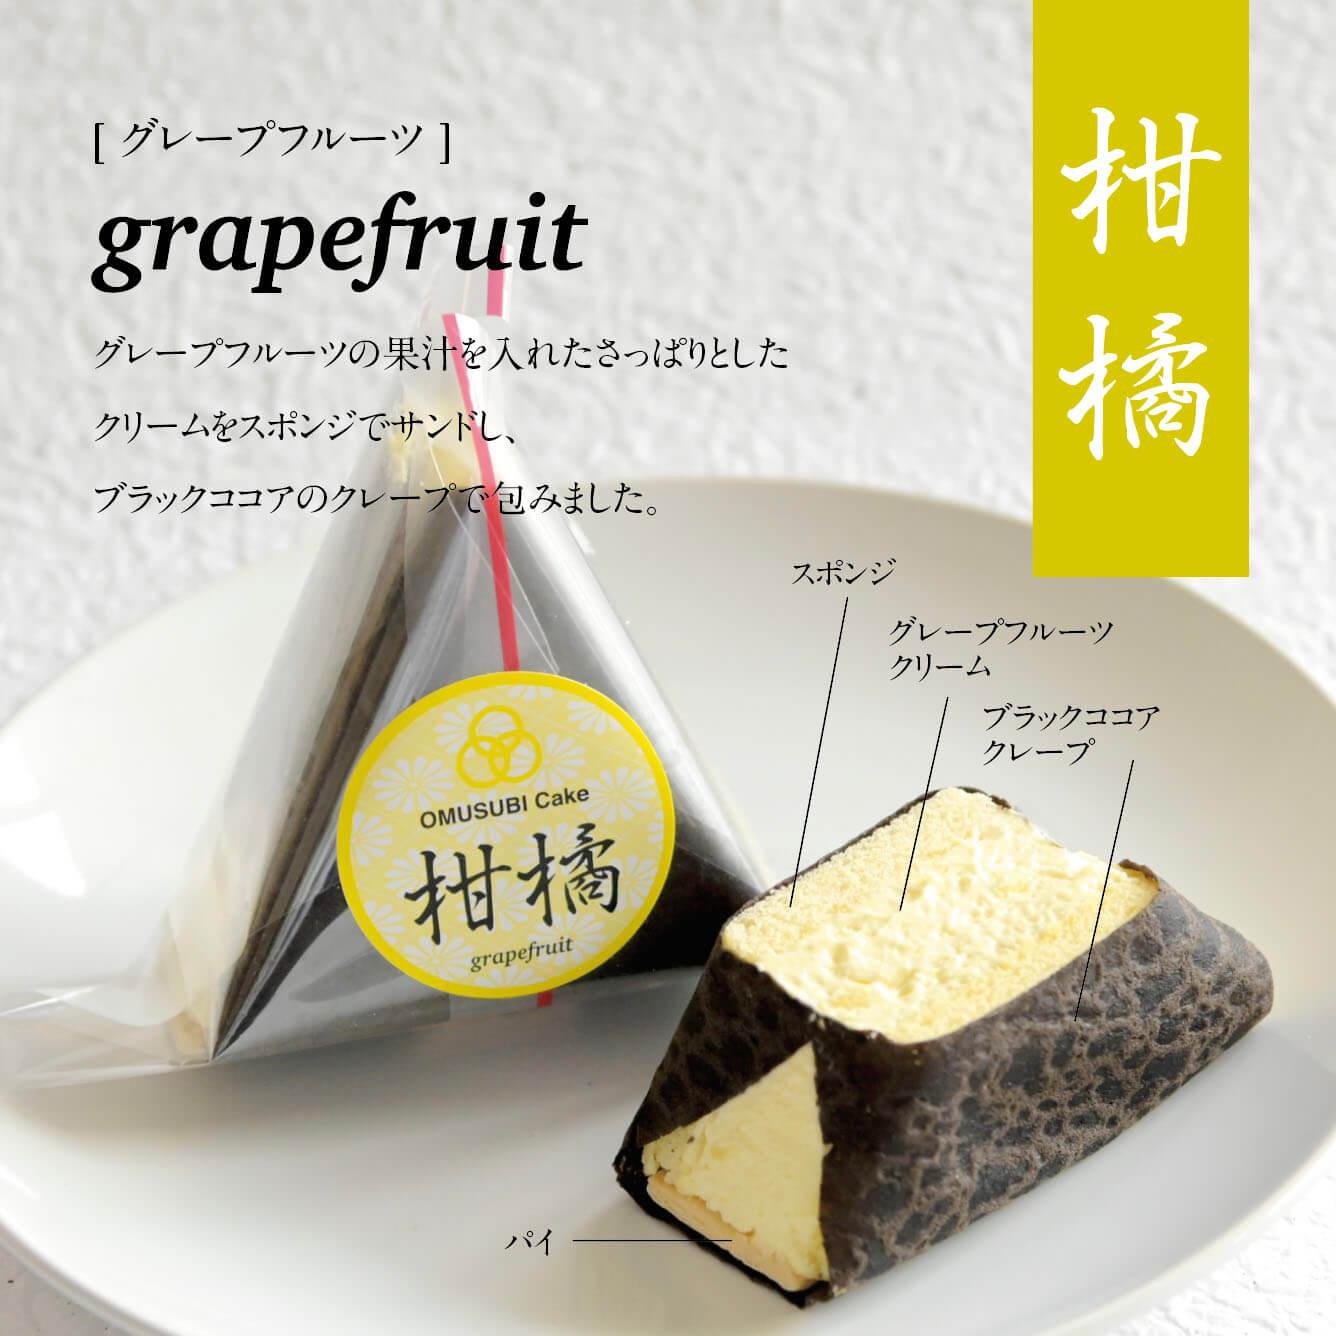 OSAKA OMUSUBI CakeのGrapefruit/¥450(税込み)